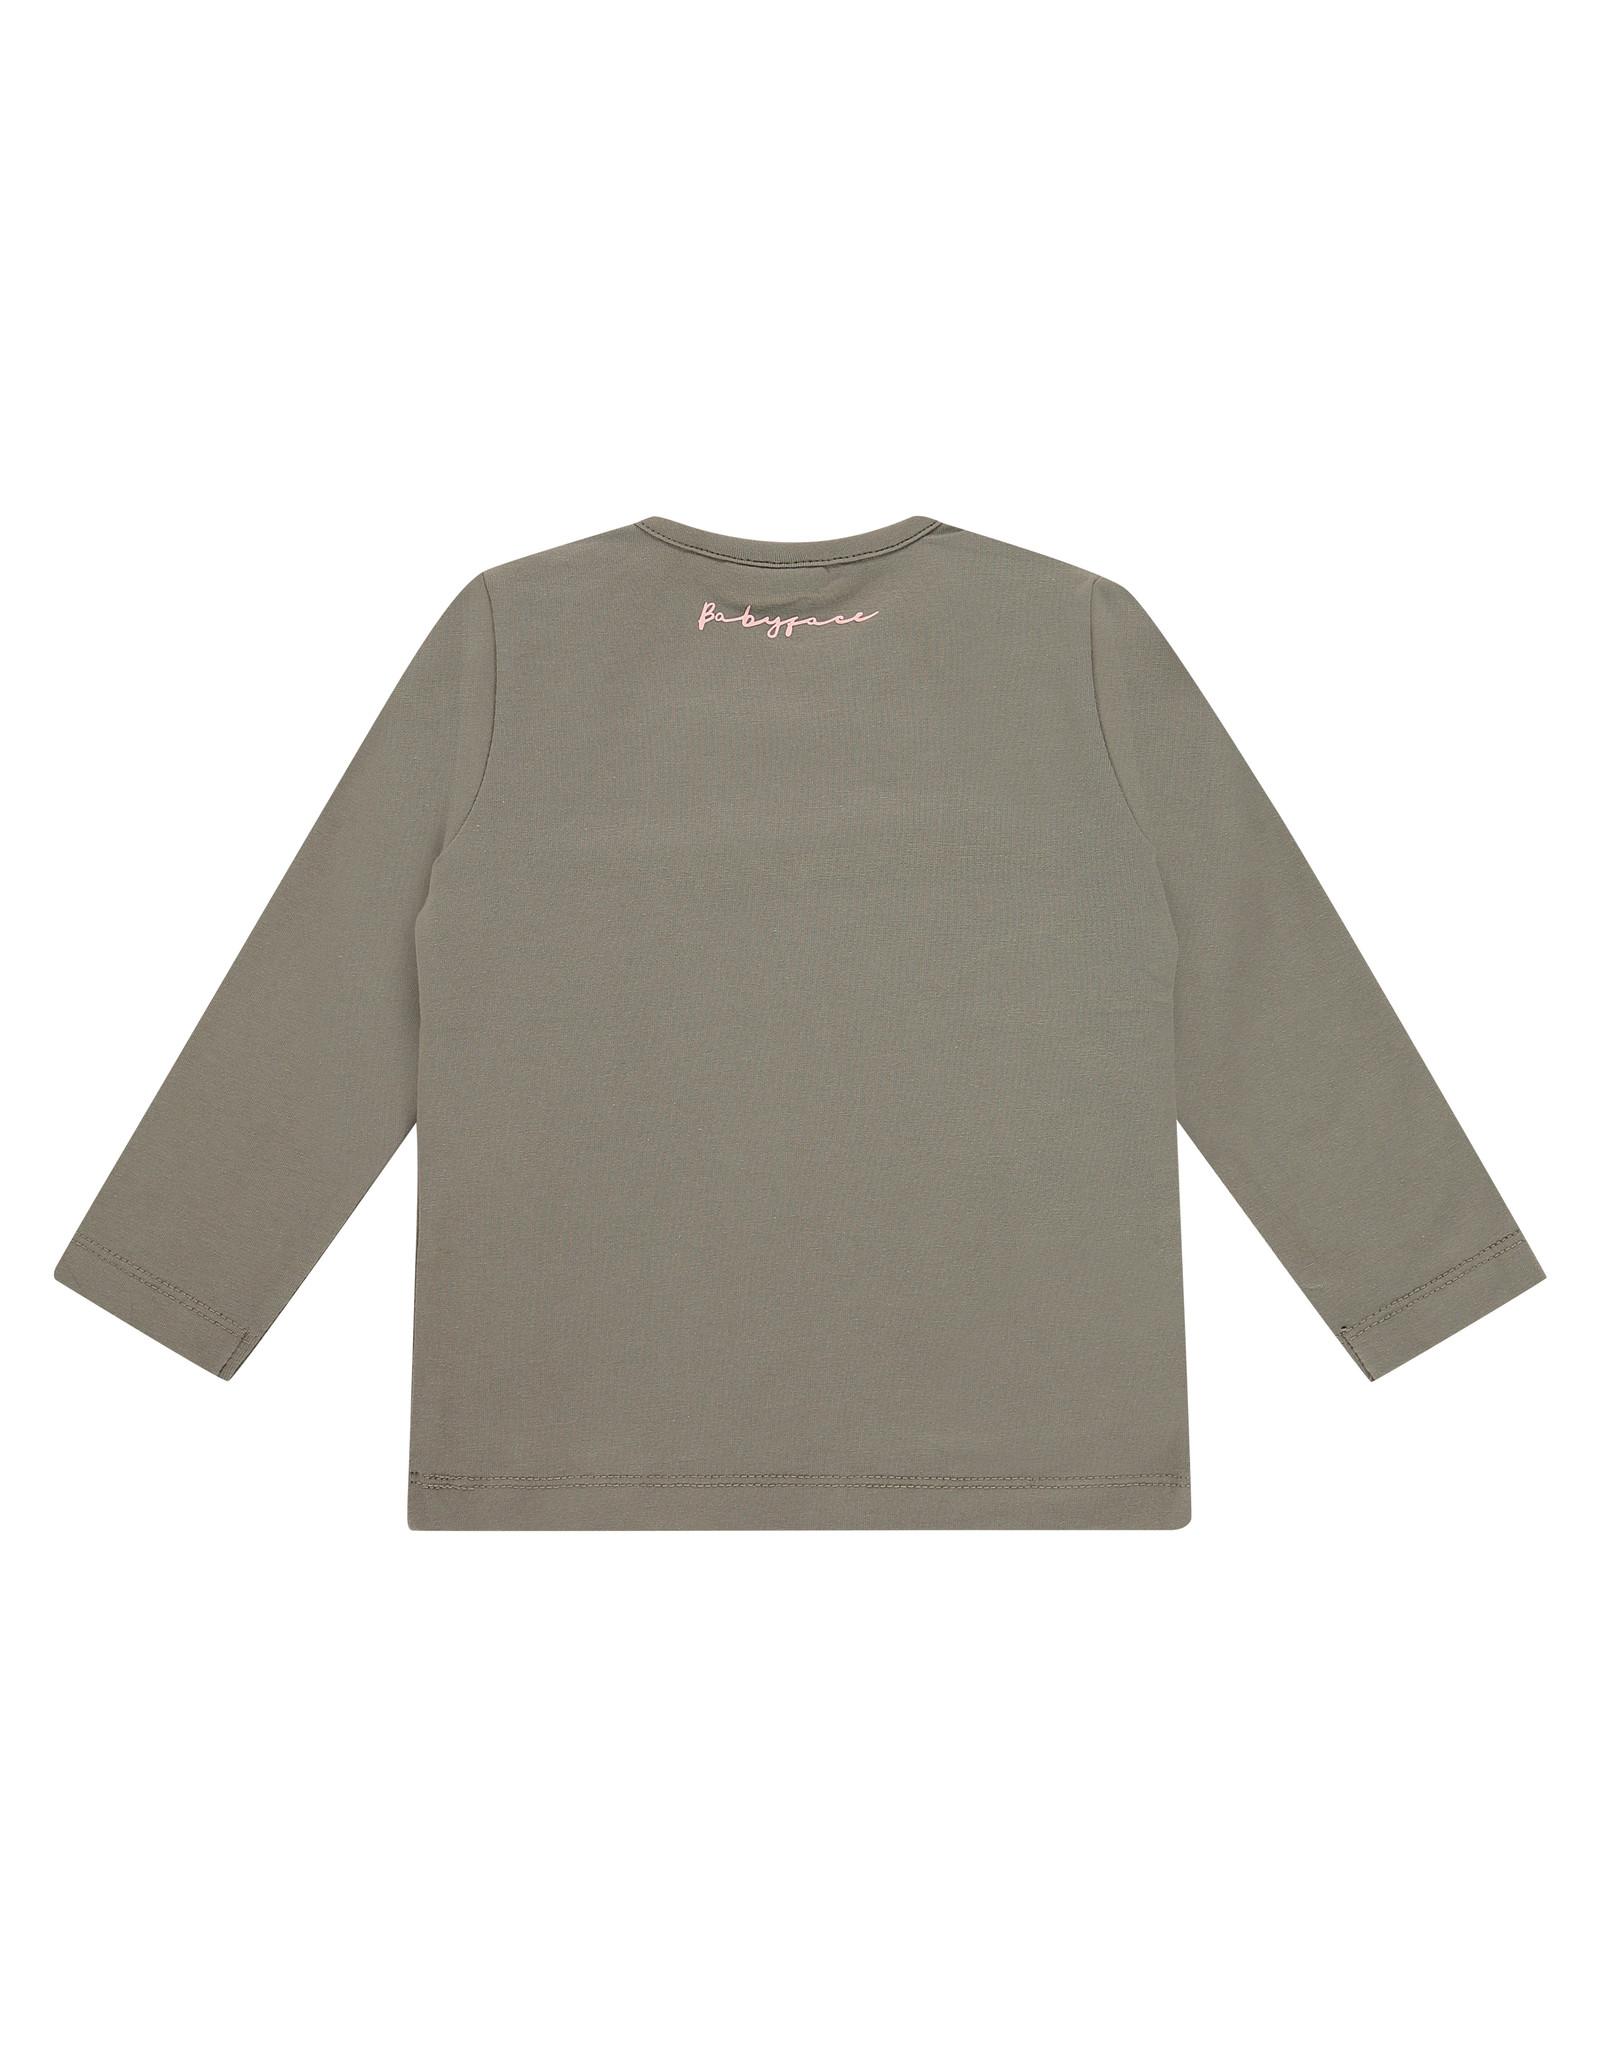 Babyface girls t-shirt long sleeve, moss, BBE21108604